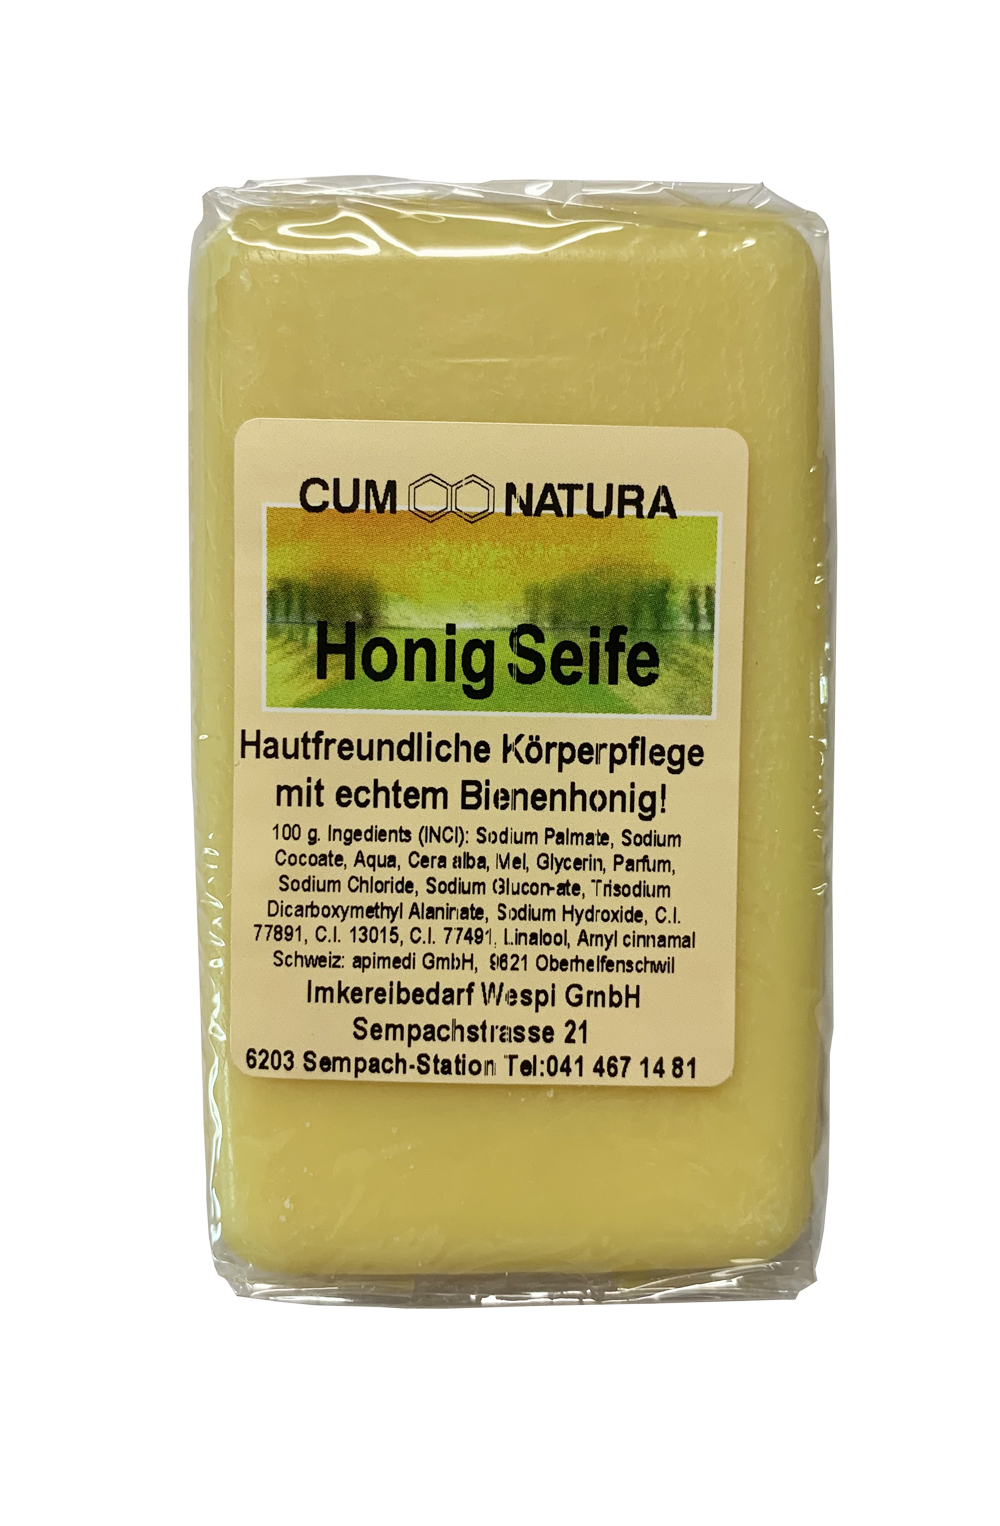 CUM Natura Honig Seife